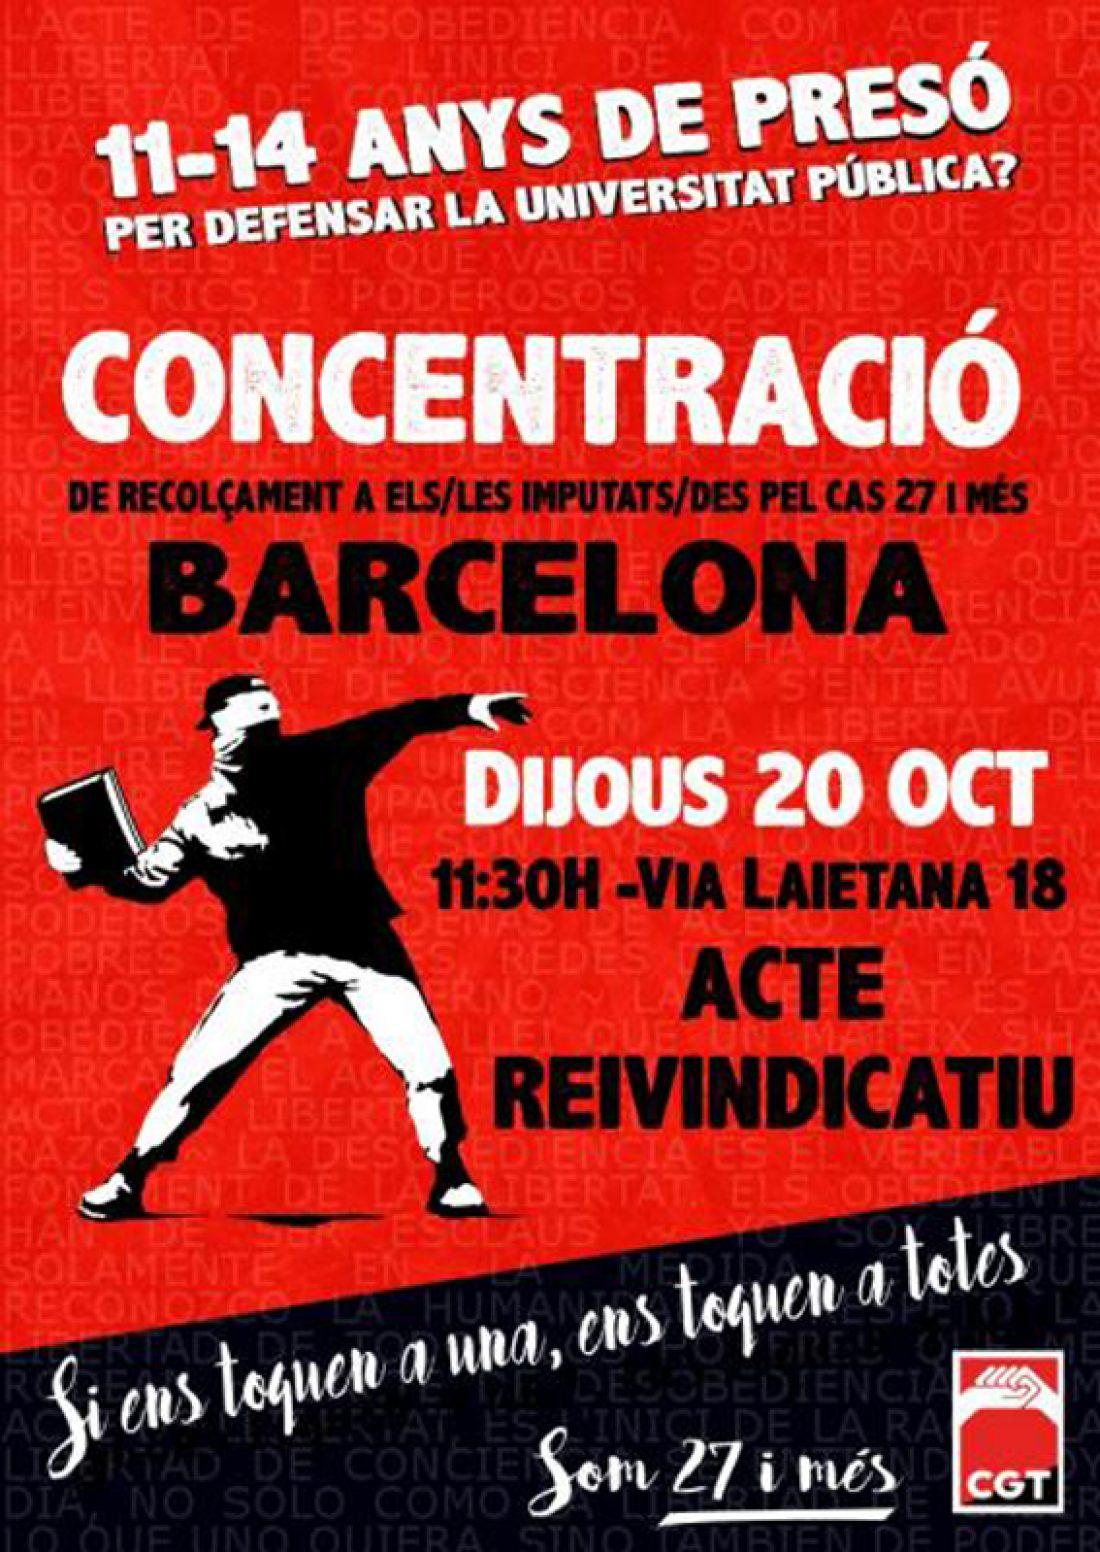 """20 octubre de solidaridad con """"Somos 27 y más"""". Actos y convocatorias"""